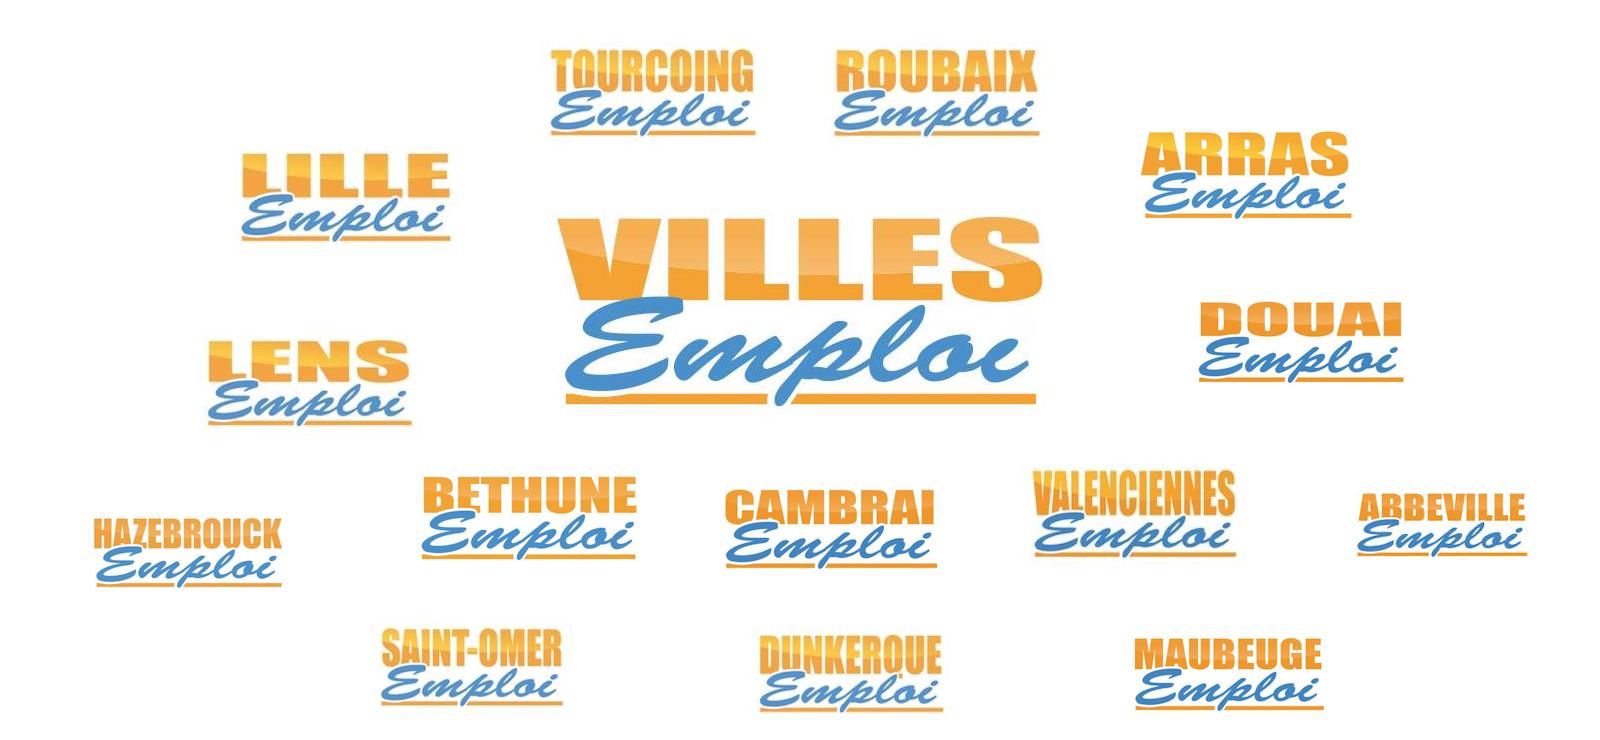 Réseau Villes Emploi - Tourcoing Roubaix Emploi